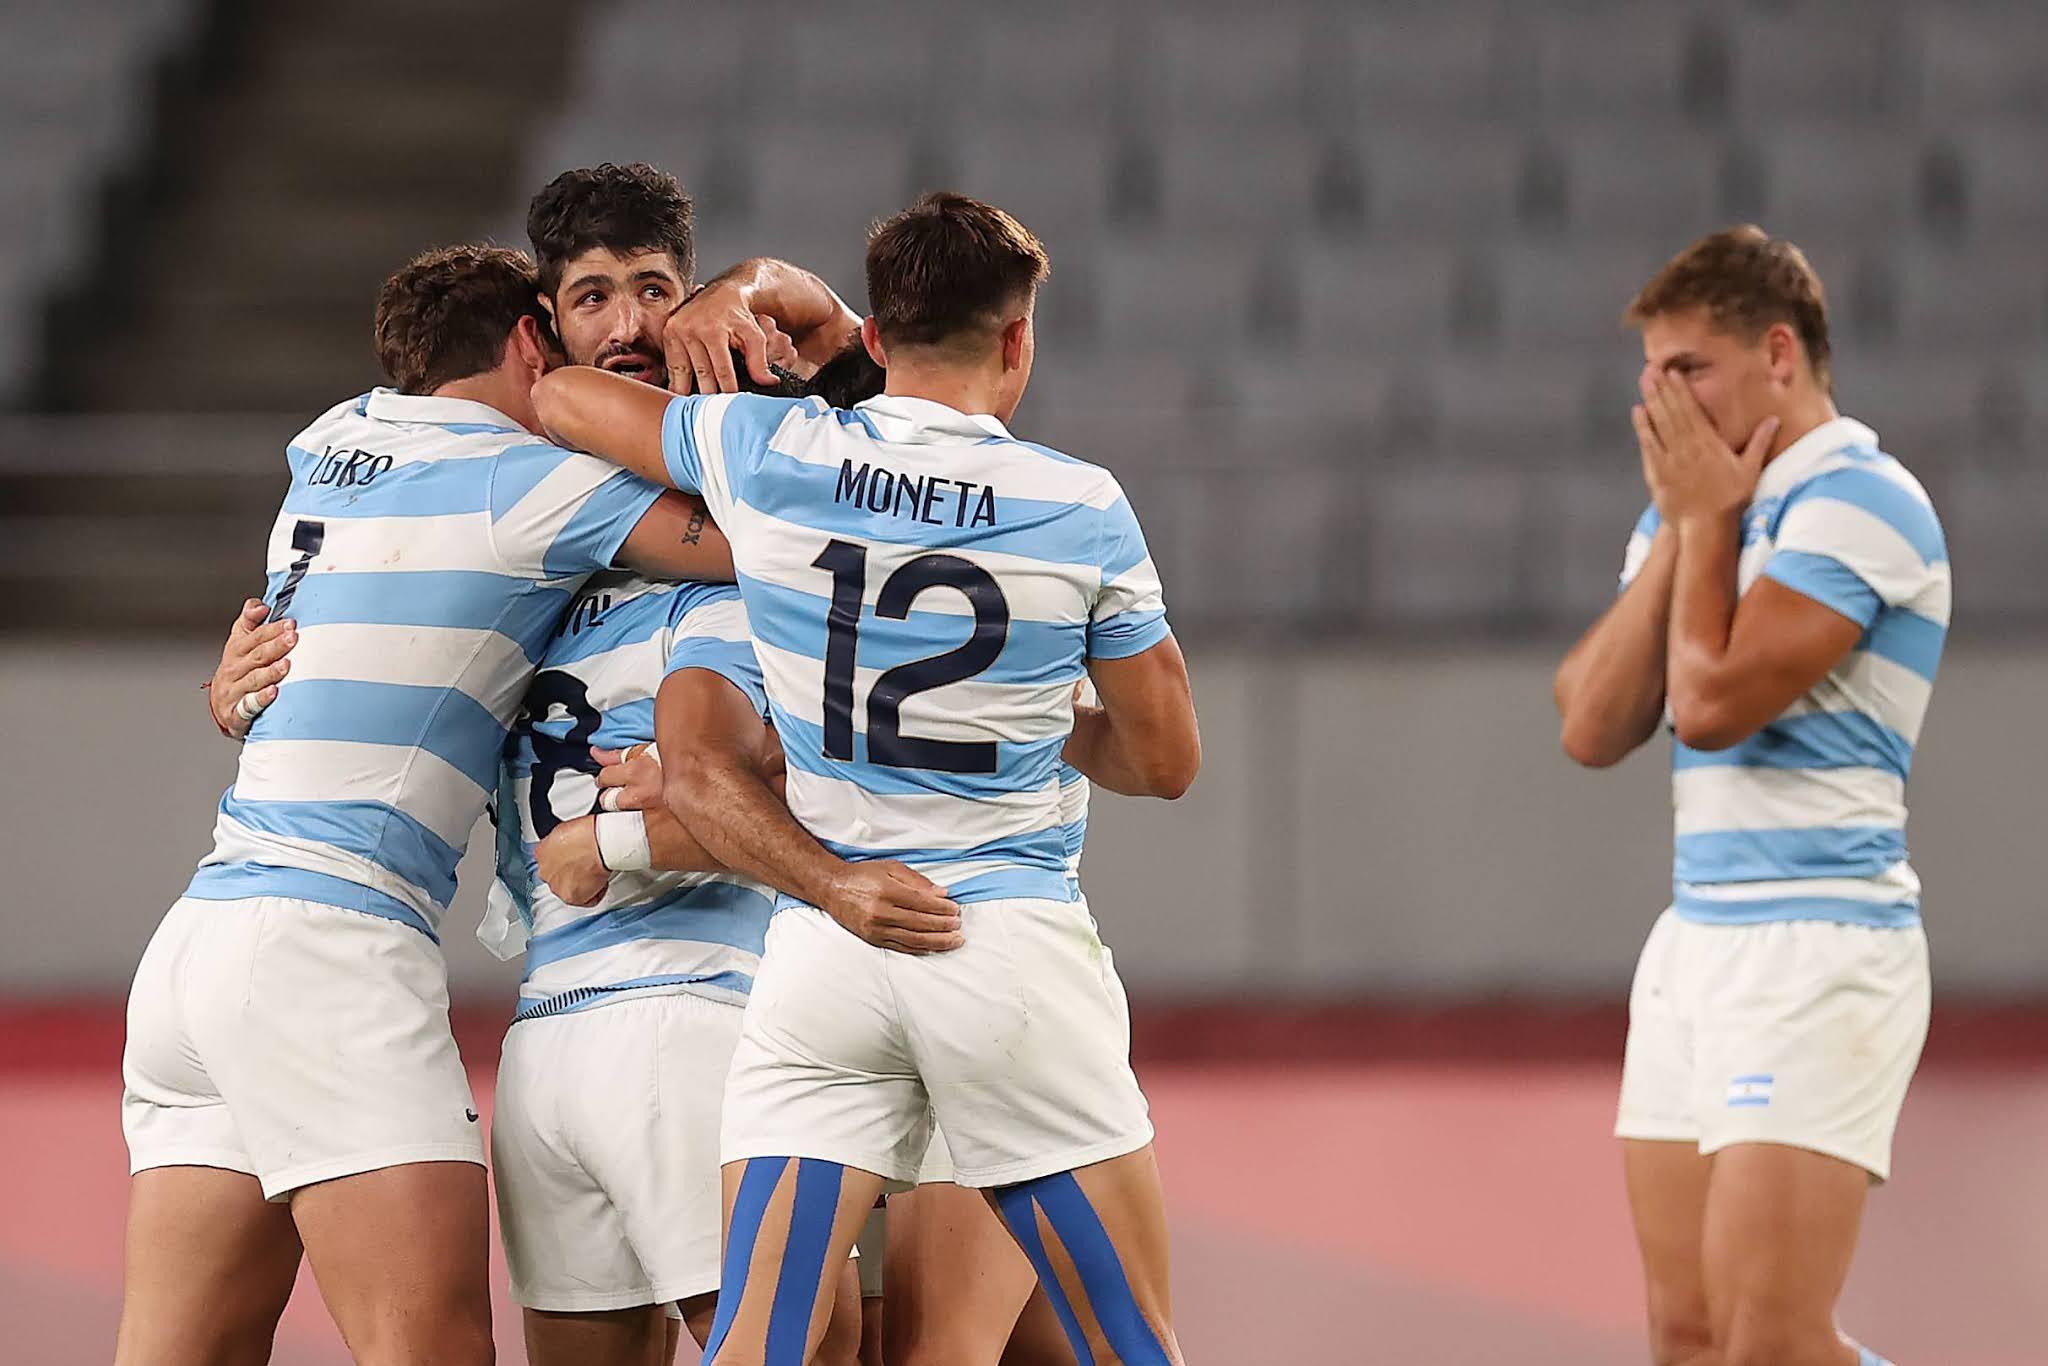 Argentina es semifinalista en Rugby Seven tras vencer a Sudáfrica 19 a 14 y jugará ante Fiji